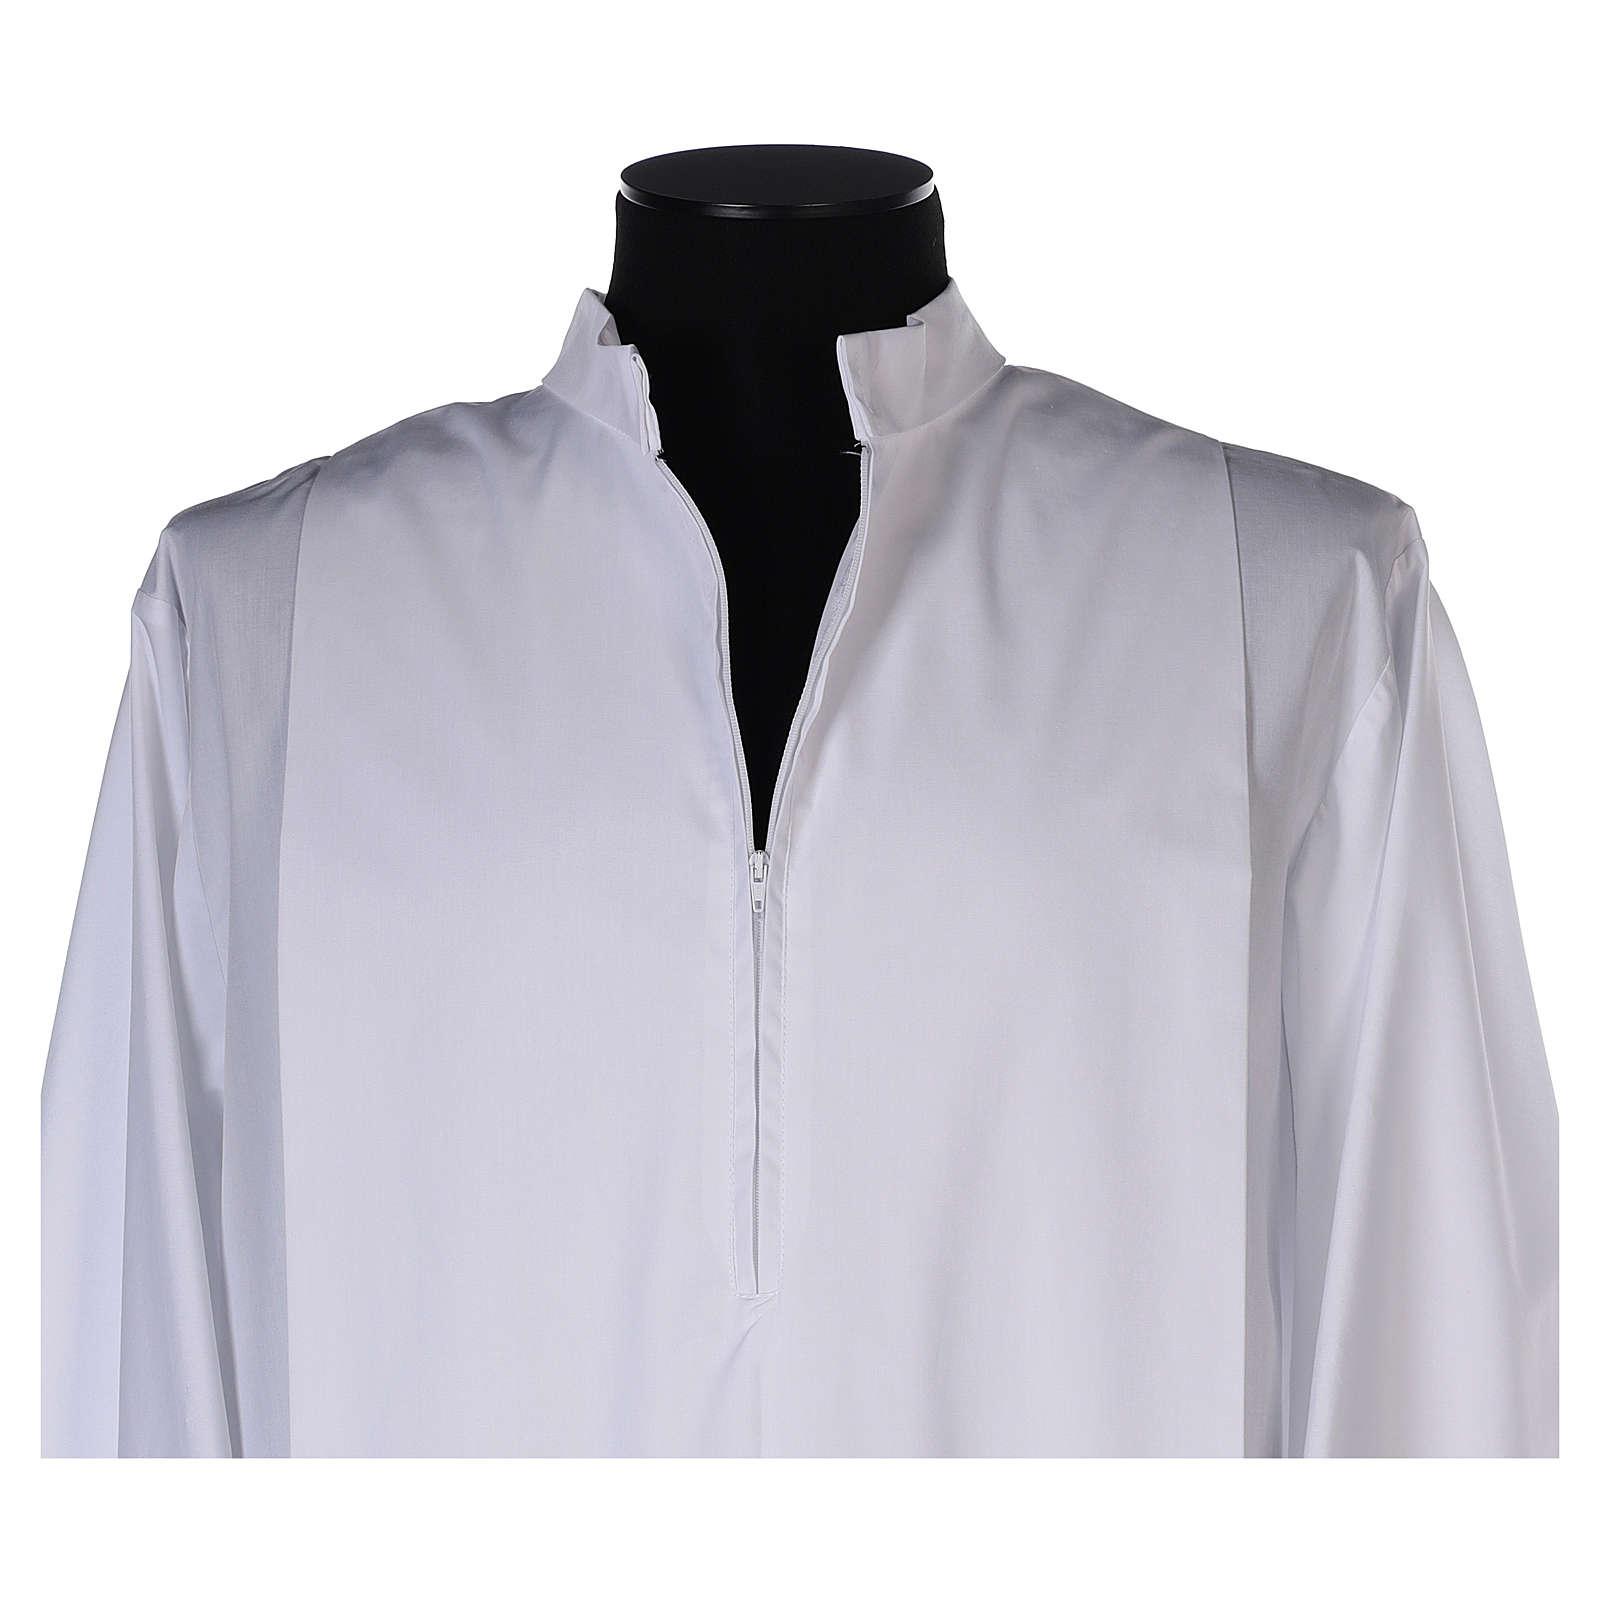 Aube blanche plis et bord inférieur et de manches doré coton mixte 4